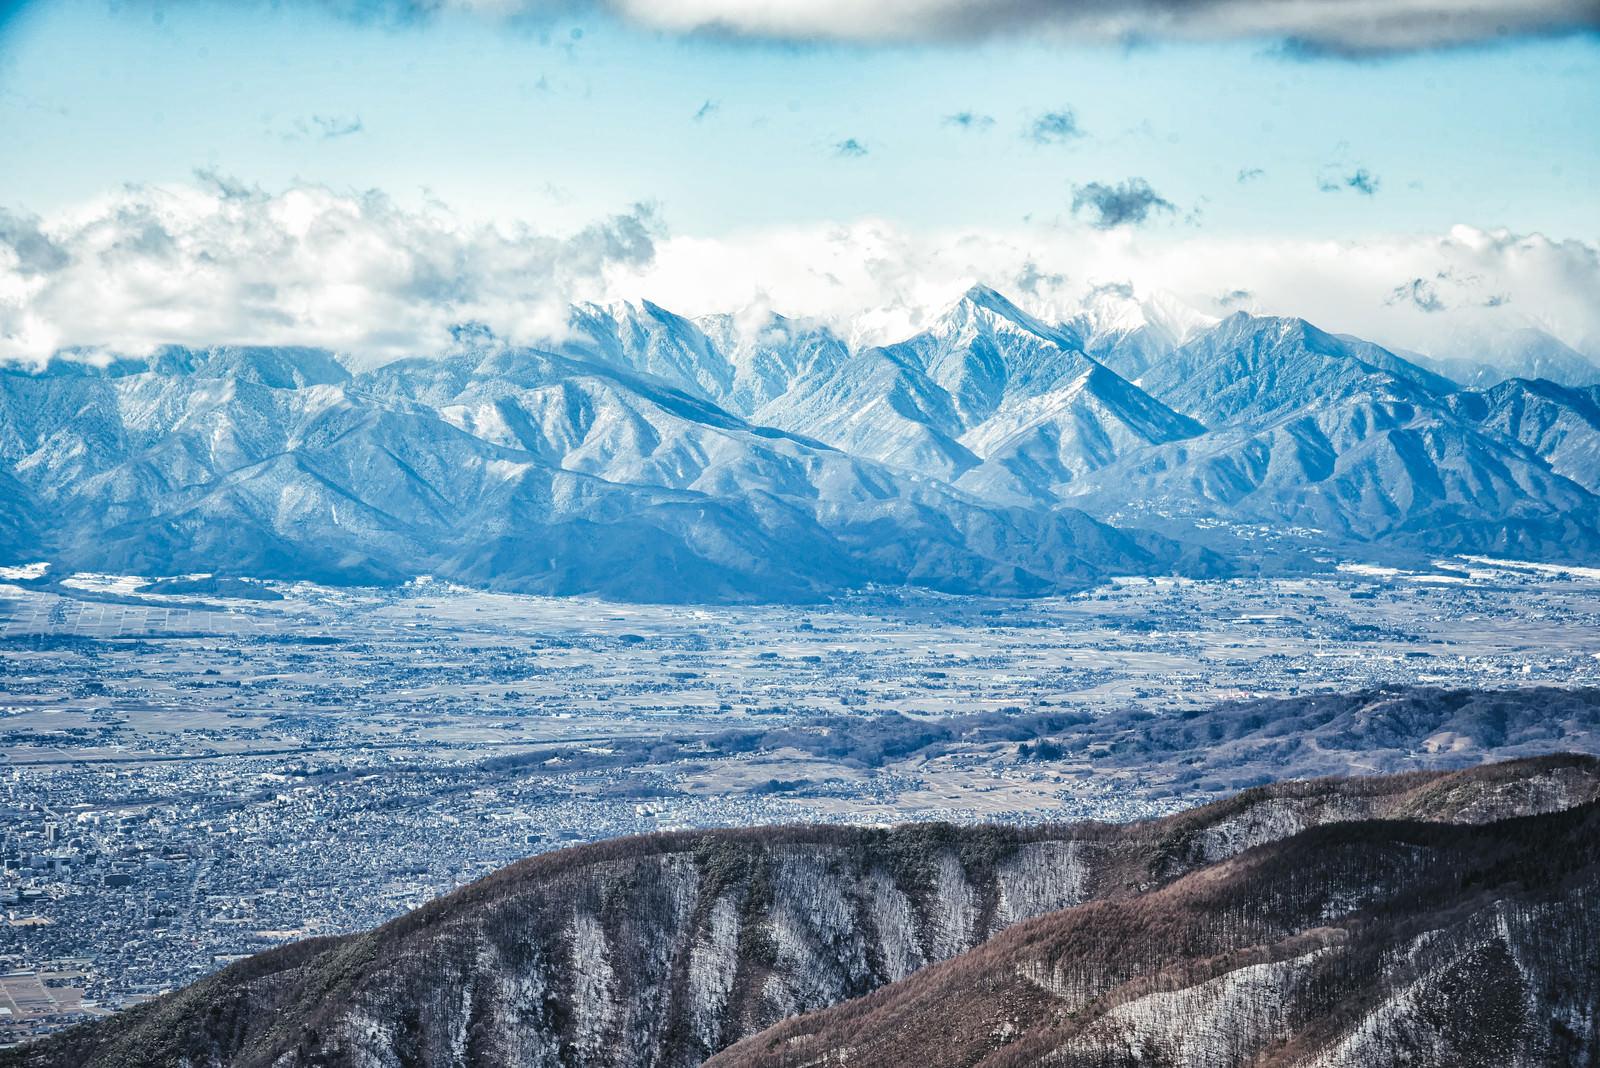 「冬の常念山脈と街並み(長野県松本市)」の写真